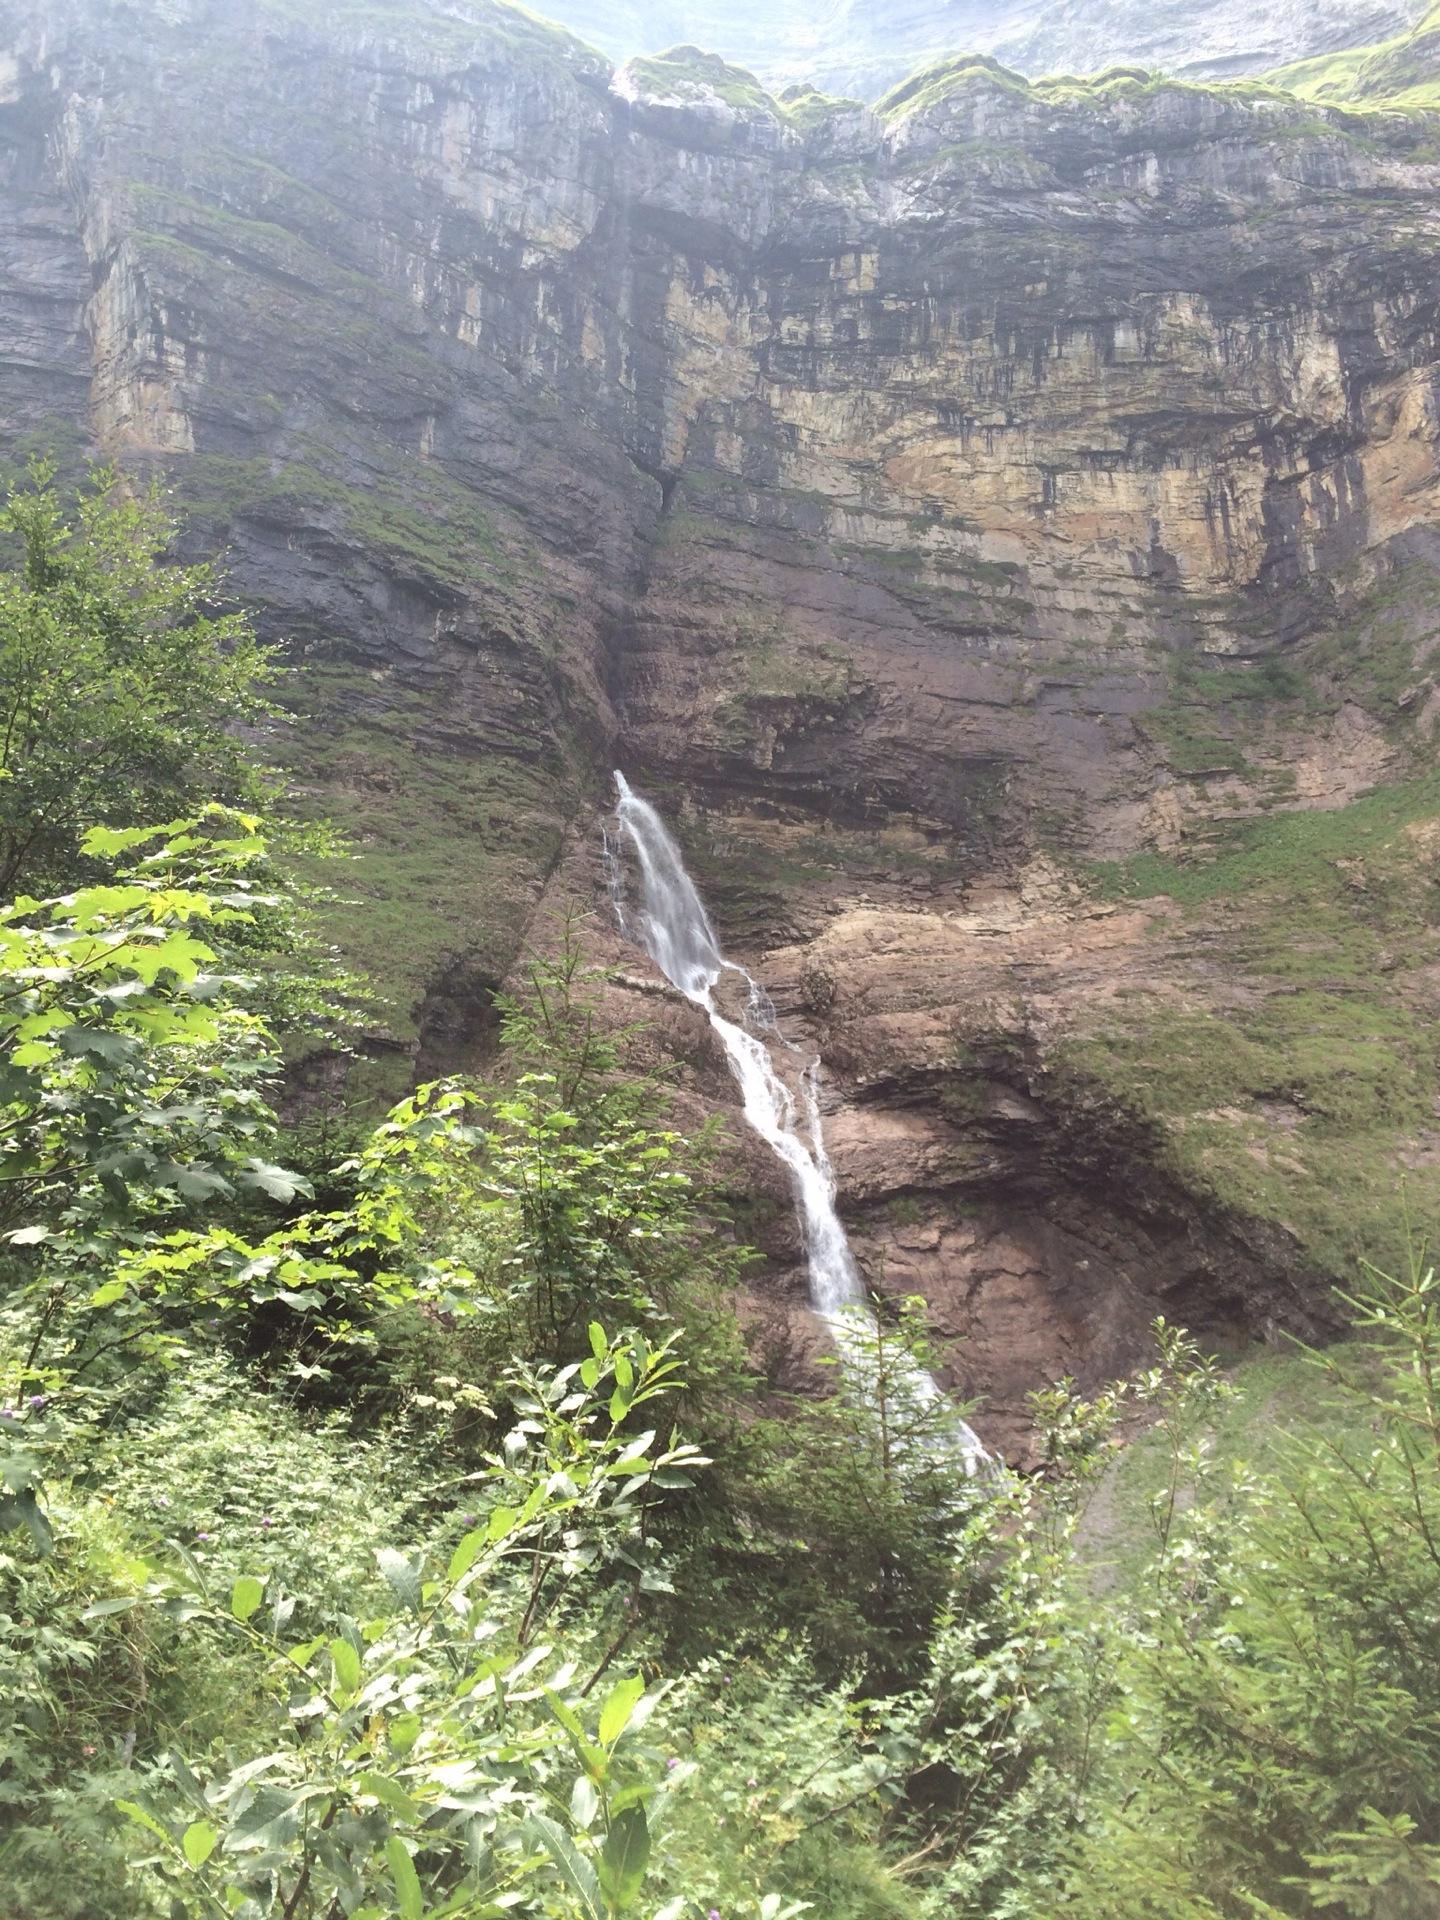 Einer der Wasserfälle, die aus dem Nichts kommen